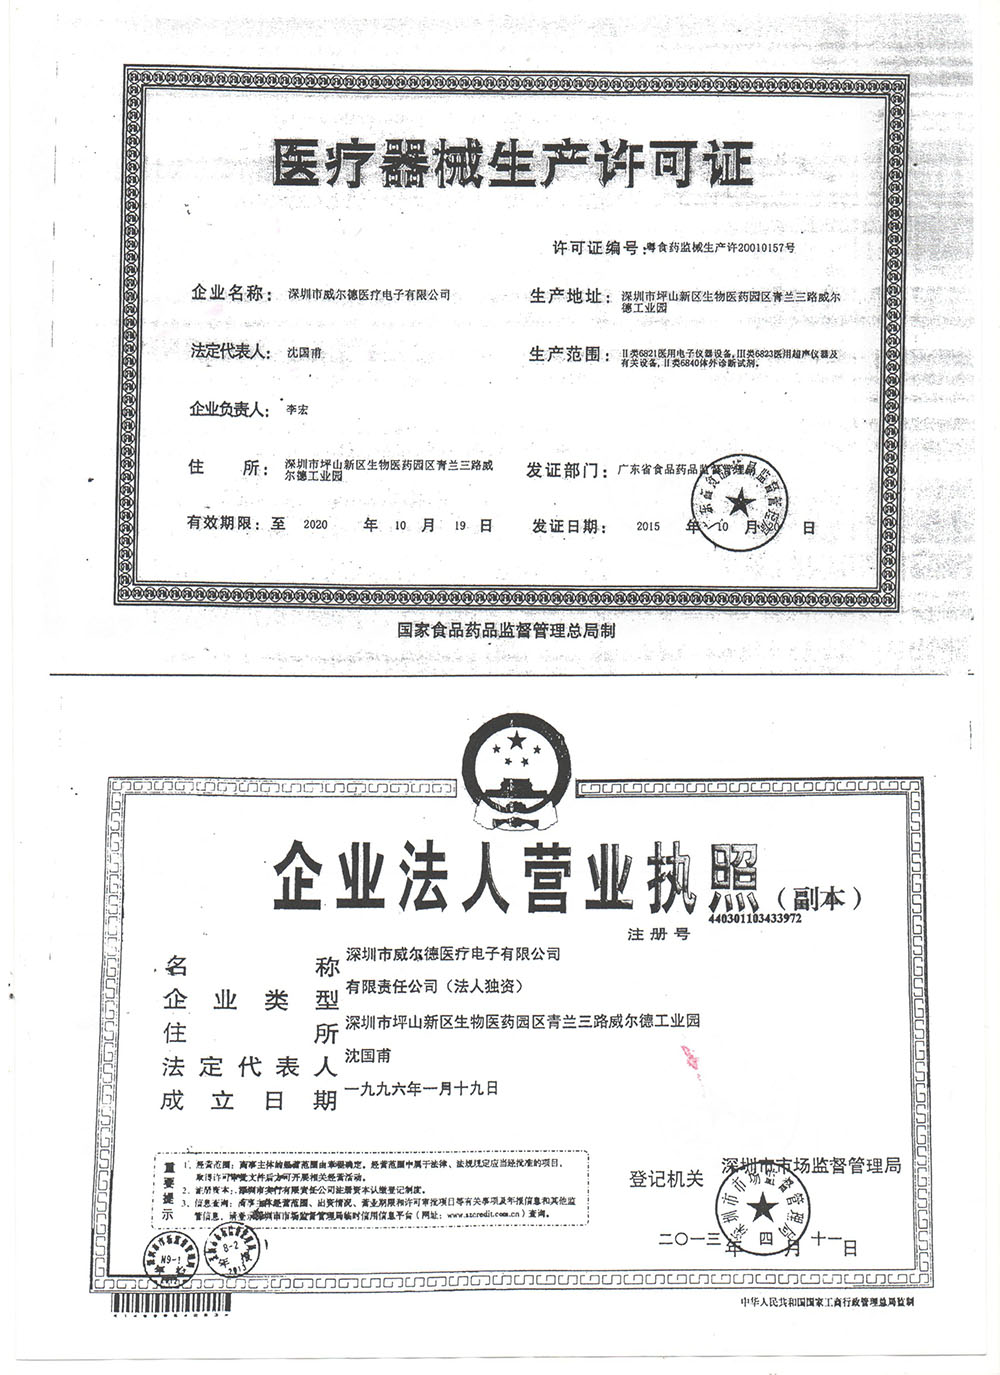 CFDA License